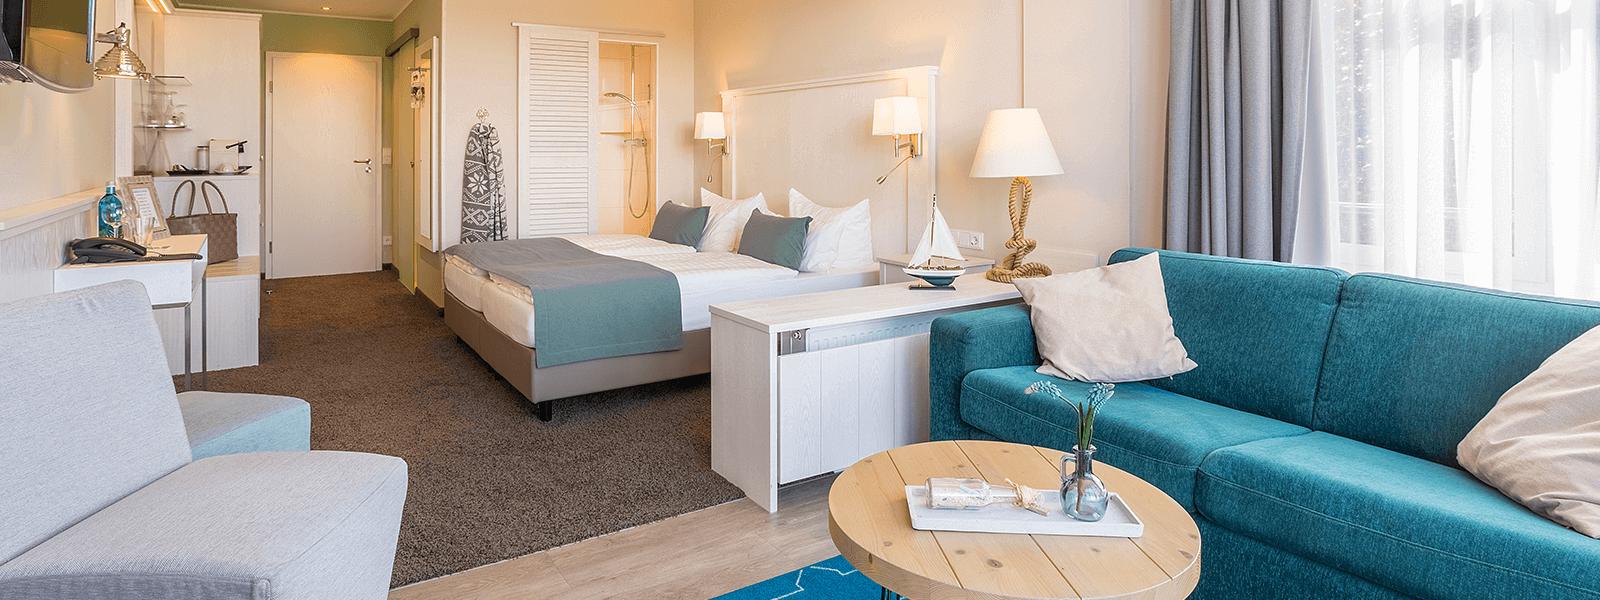 Juniorsuite Hotel Regina Maris, Hotel Regina Maris, Norden-Norddeich, Nordsee, Ostfriesland, Urlaub zu Zweit, Nordseeurlaub, Urlaub am Meer,